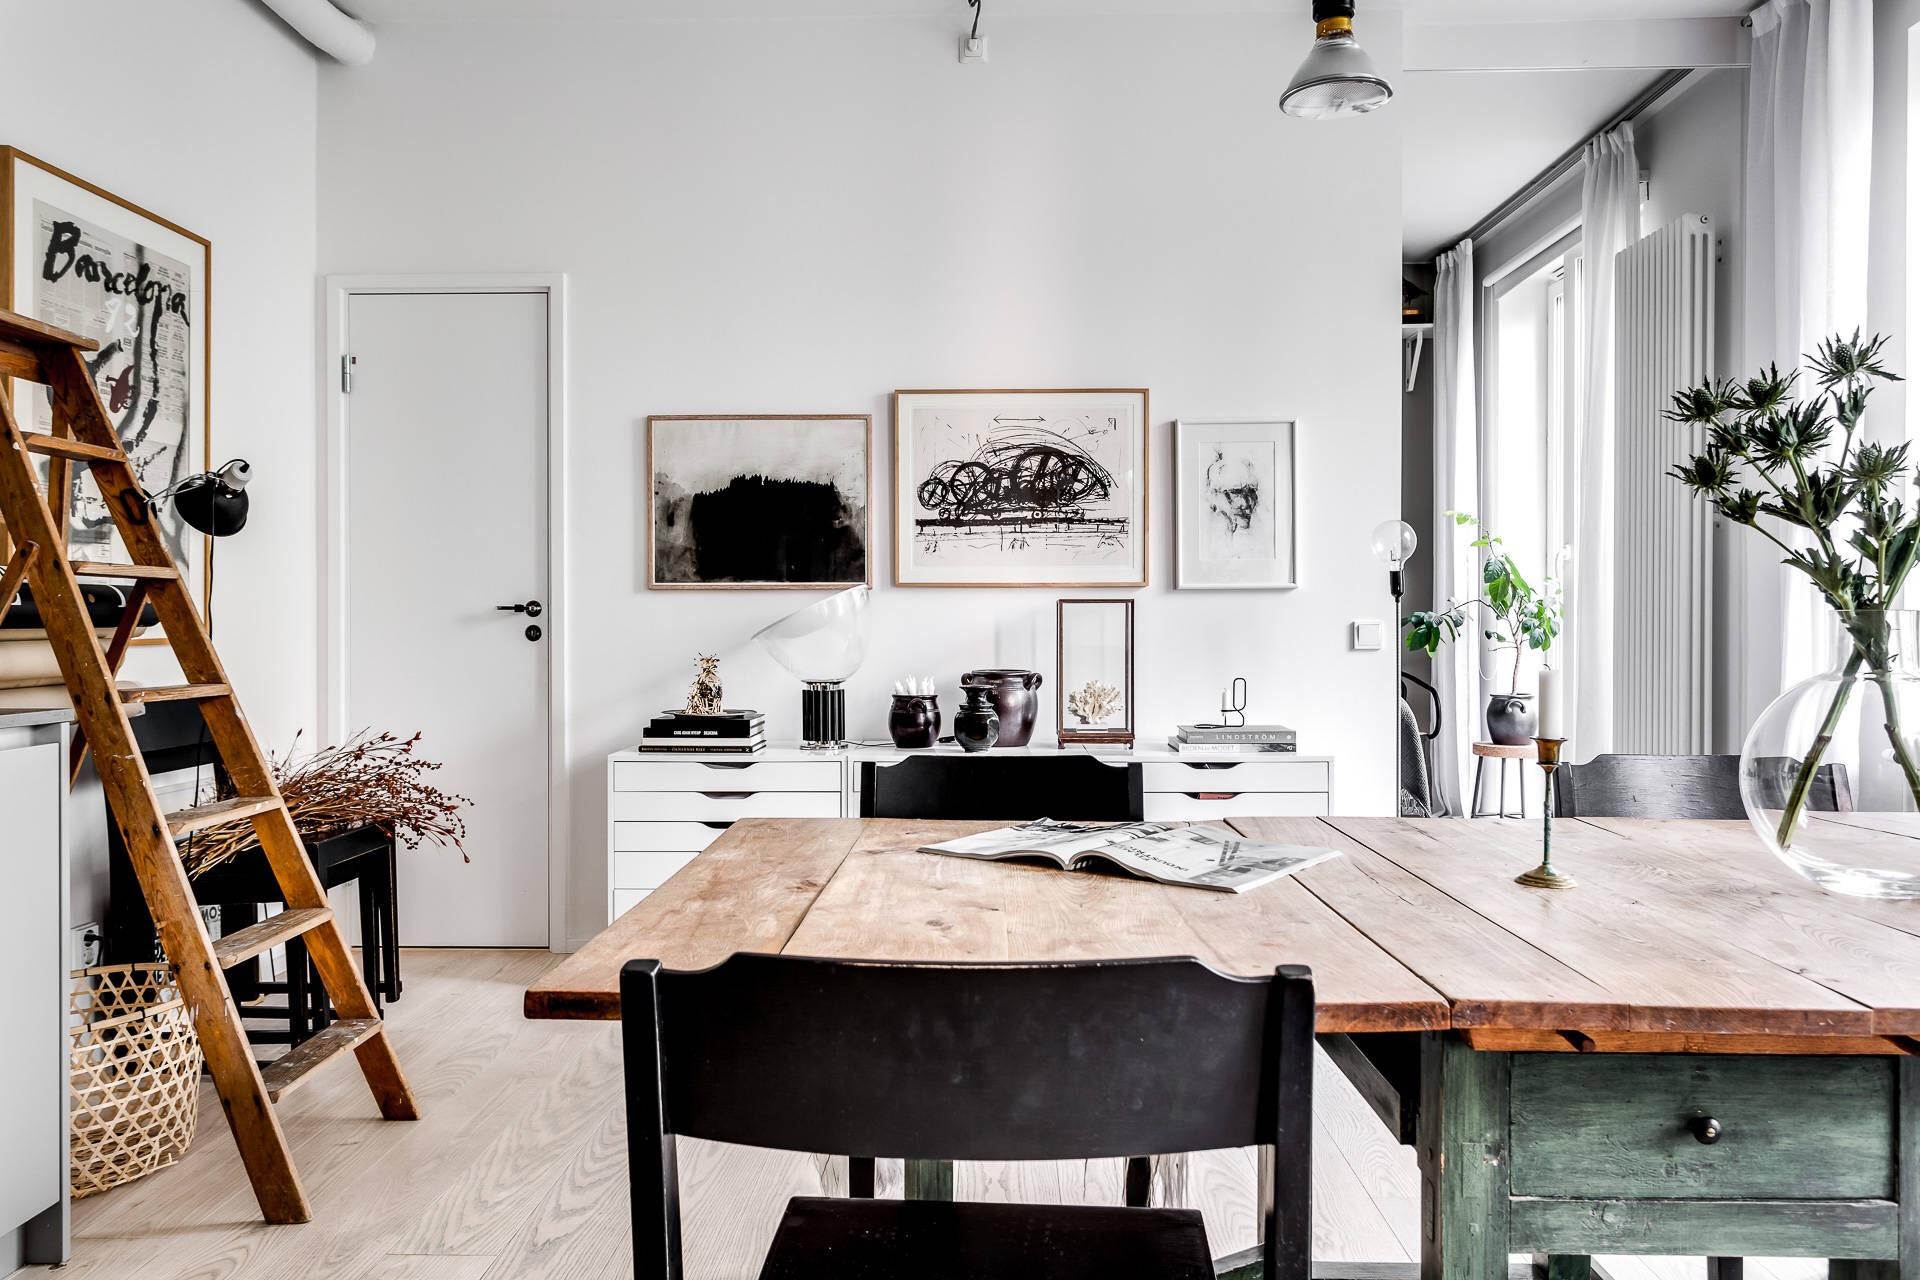 обеденный стол стулья белые стены деревянный пол кухня